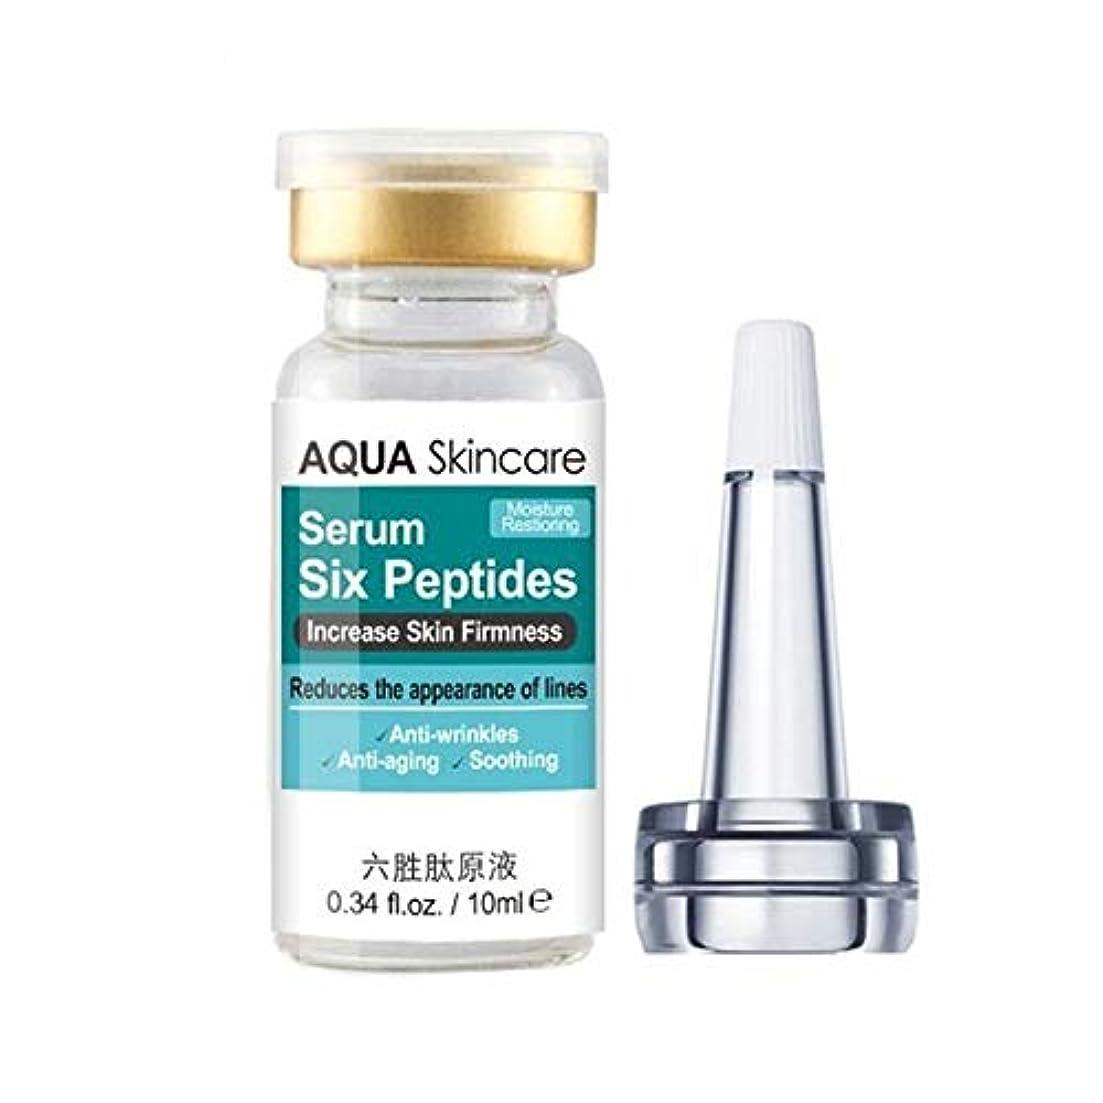 床を掃除する正しい病者ペプチドストック溶液、シワ防止フェイシャルケア水和性6つのペプチド血清スムースファインライン引き締め肌を明るくするメラニンアレギニンヒアルロン酸オリジナルリキッドエッセンス